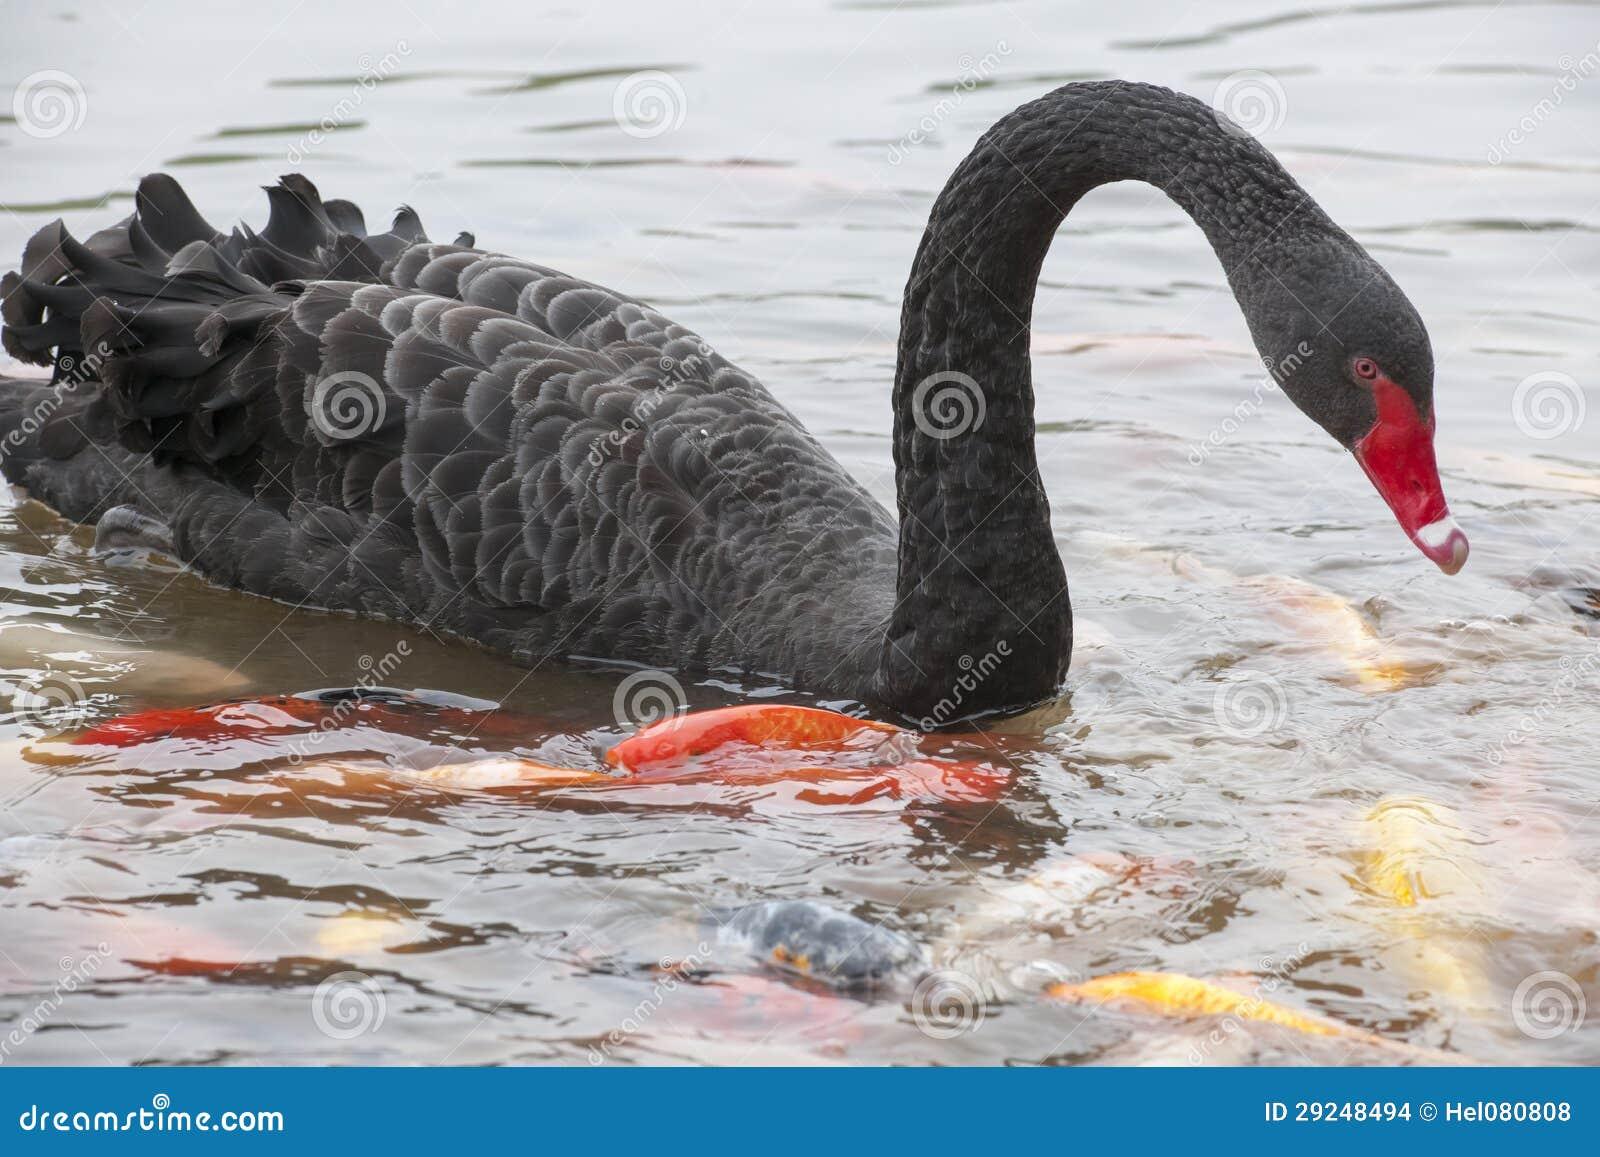 Download Cisne preta foto de stock. Imagem de preto, cabeça, curva - 29248494